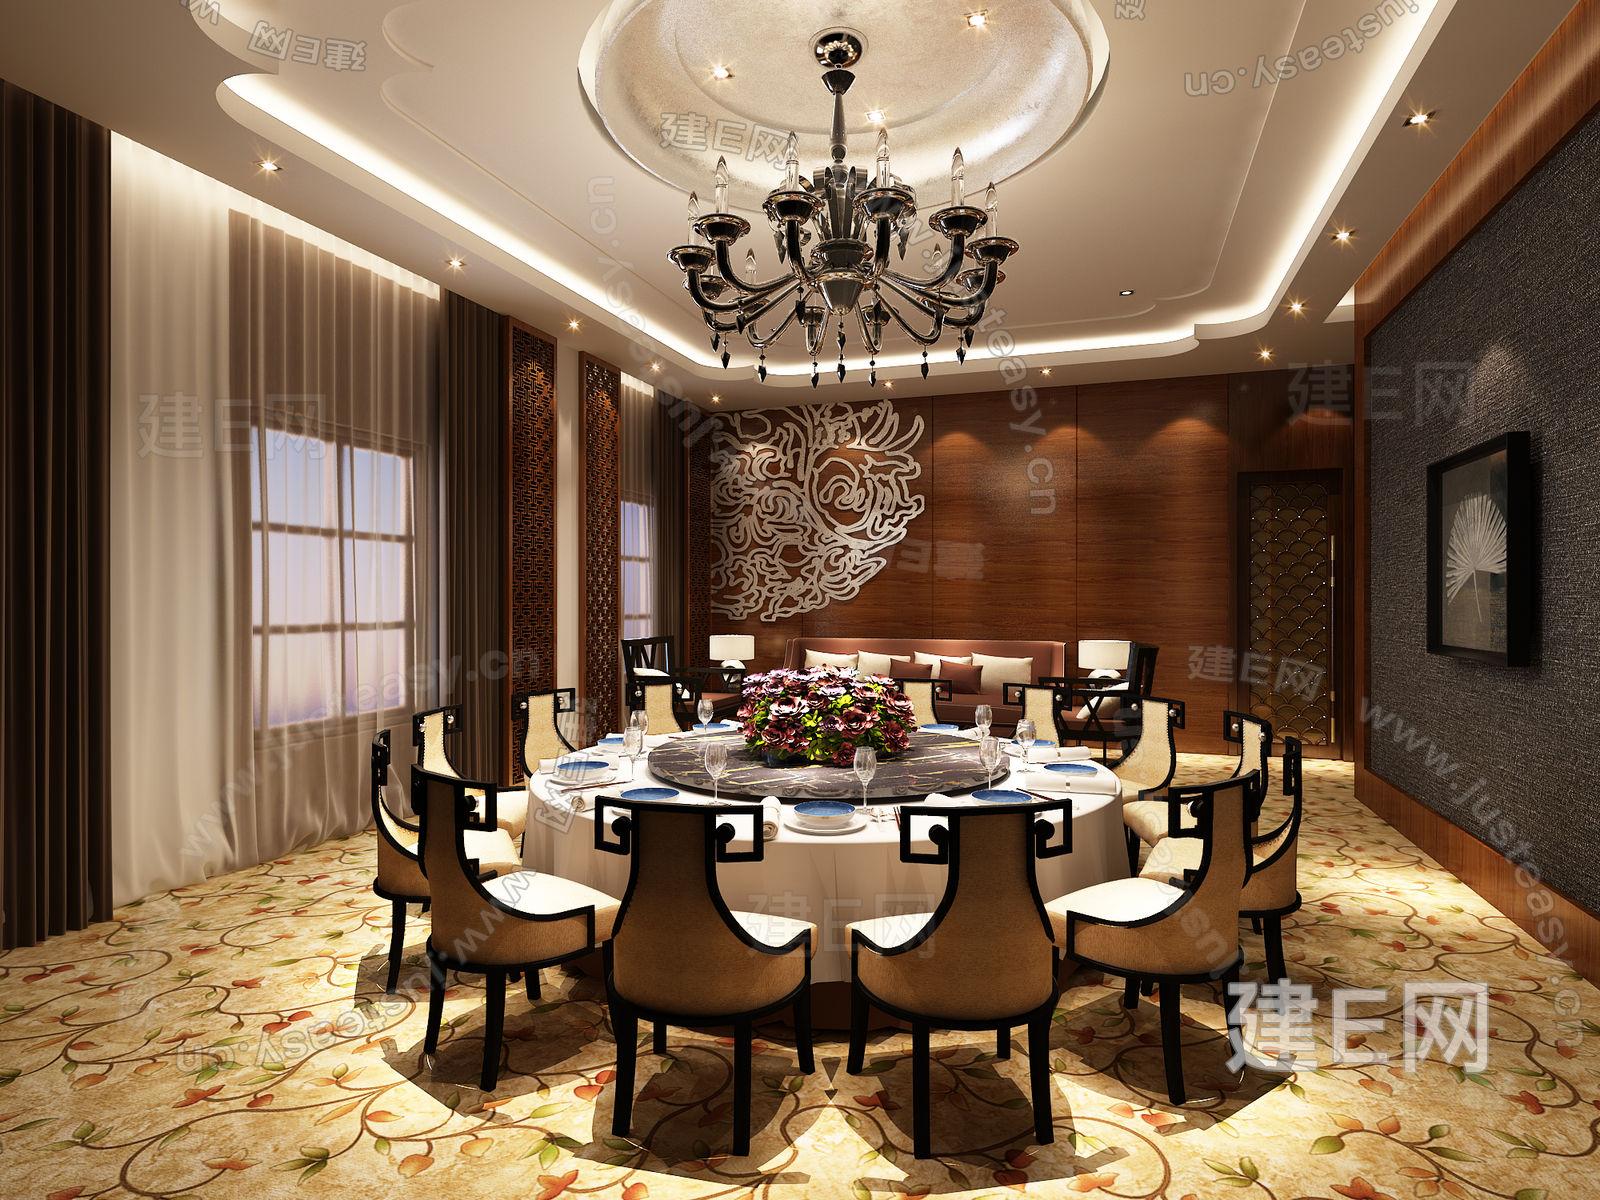 现代中式酒店餐厅包厢3d模型下载[id:91103]_建e网-3d